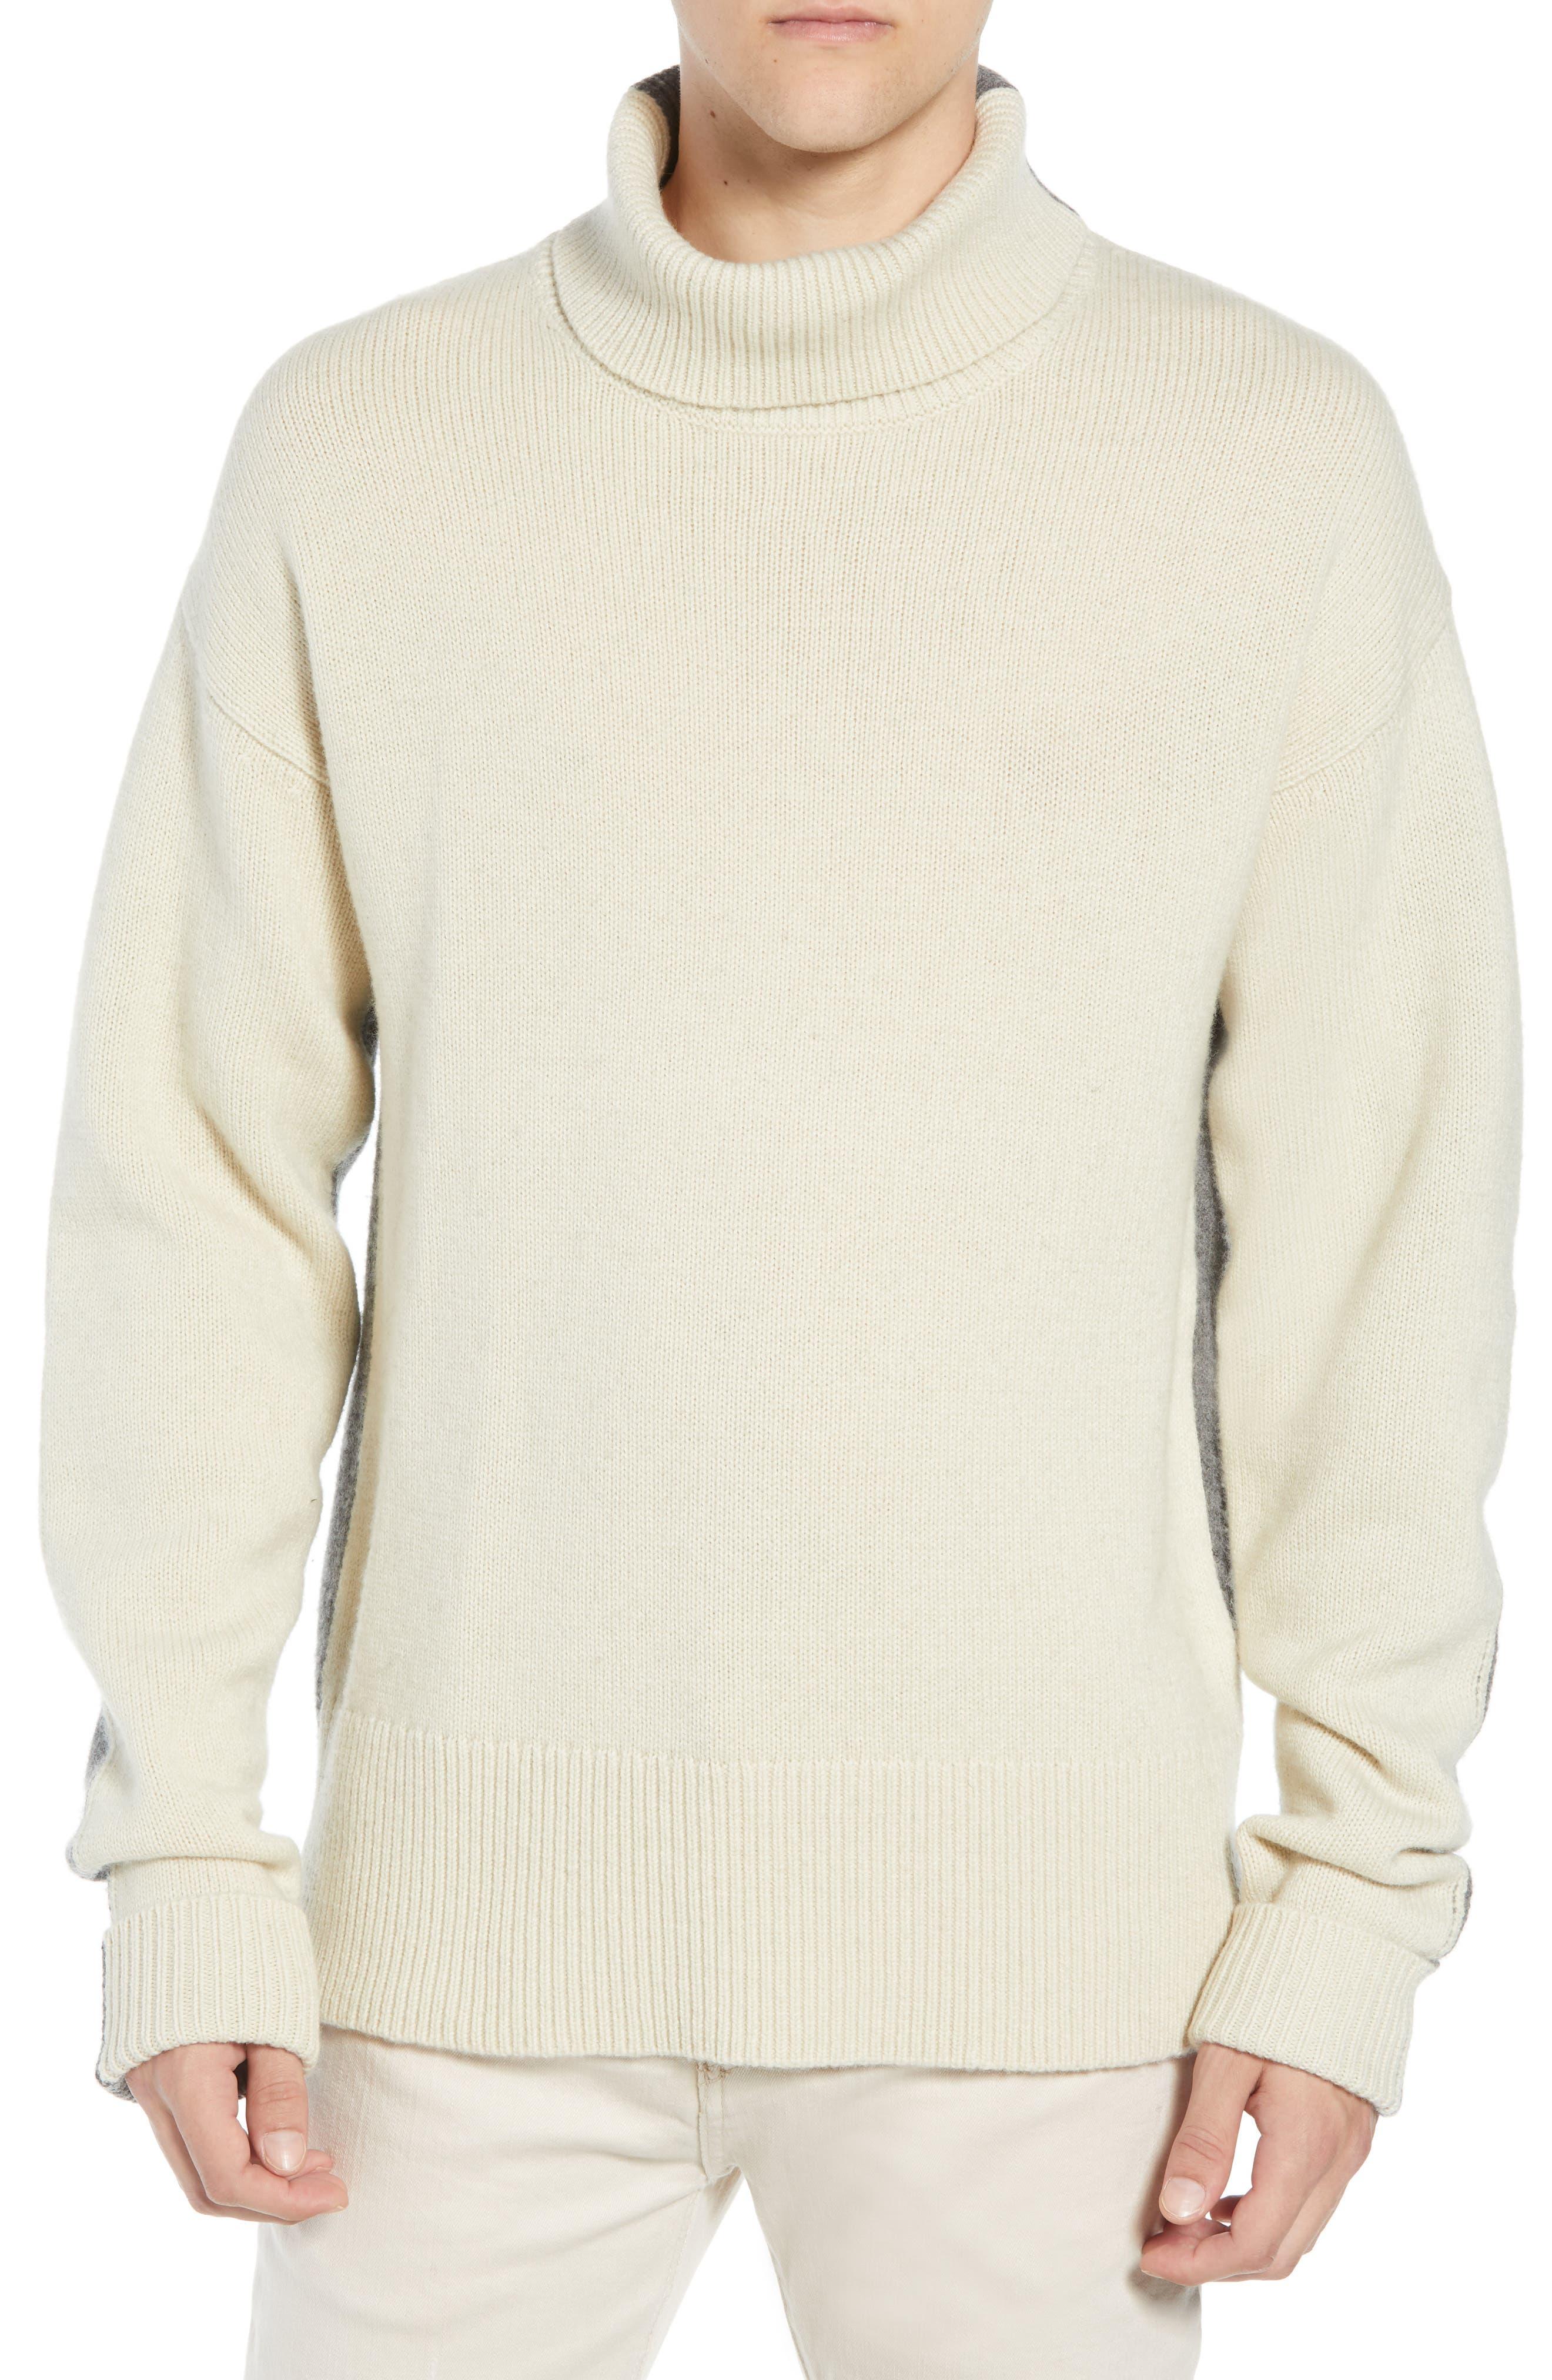 Colorblock Turtleneck Sweater, Main, color, FOG MID GREY MELANGE